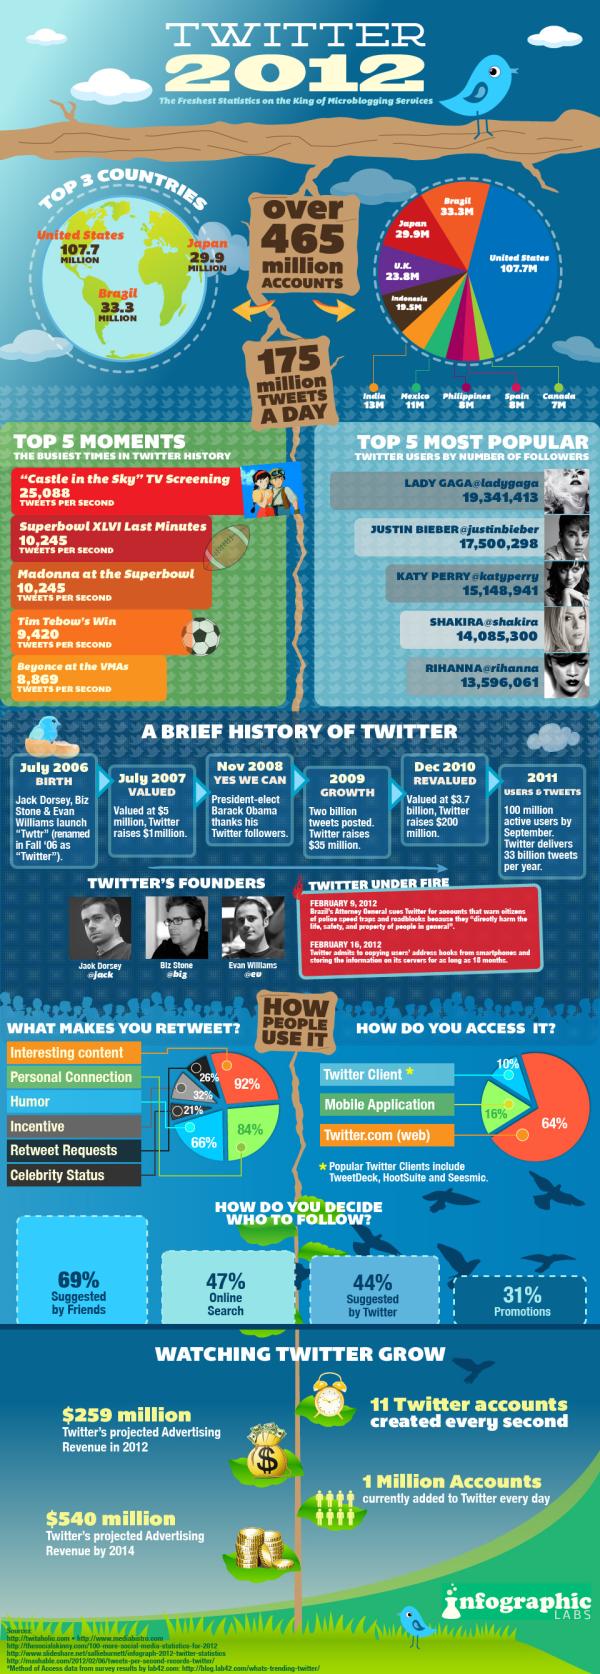 Twitter 2012 resized 600